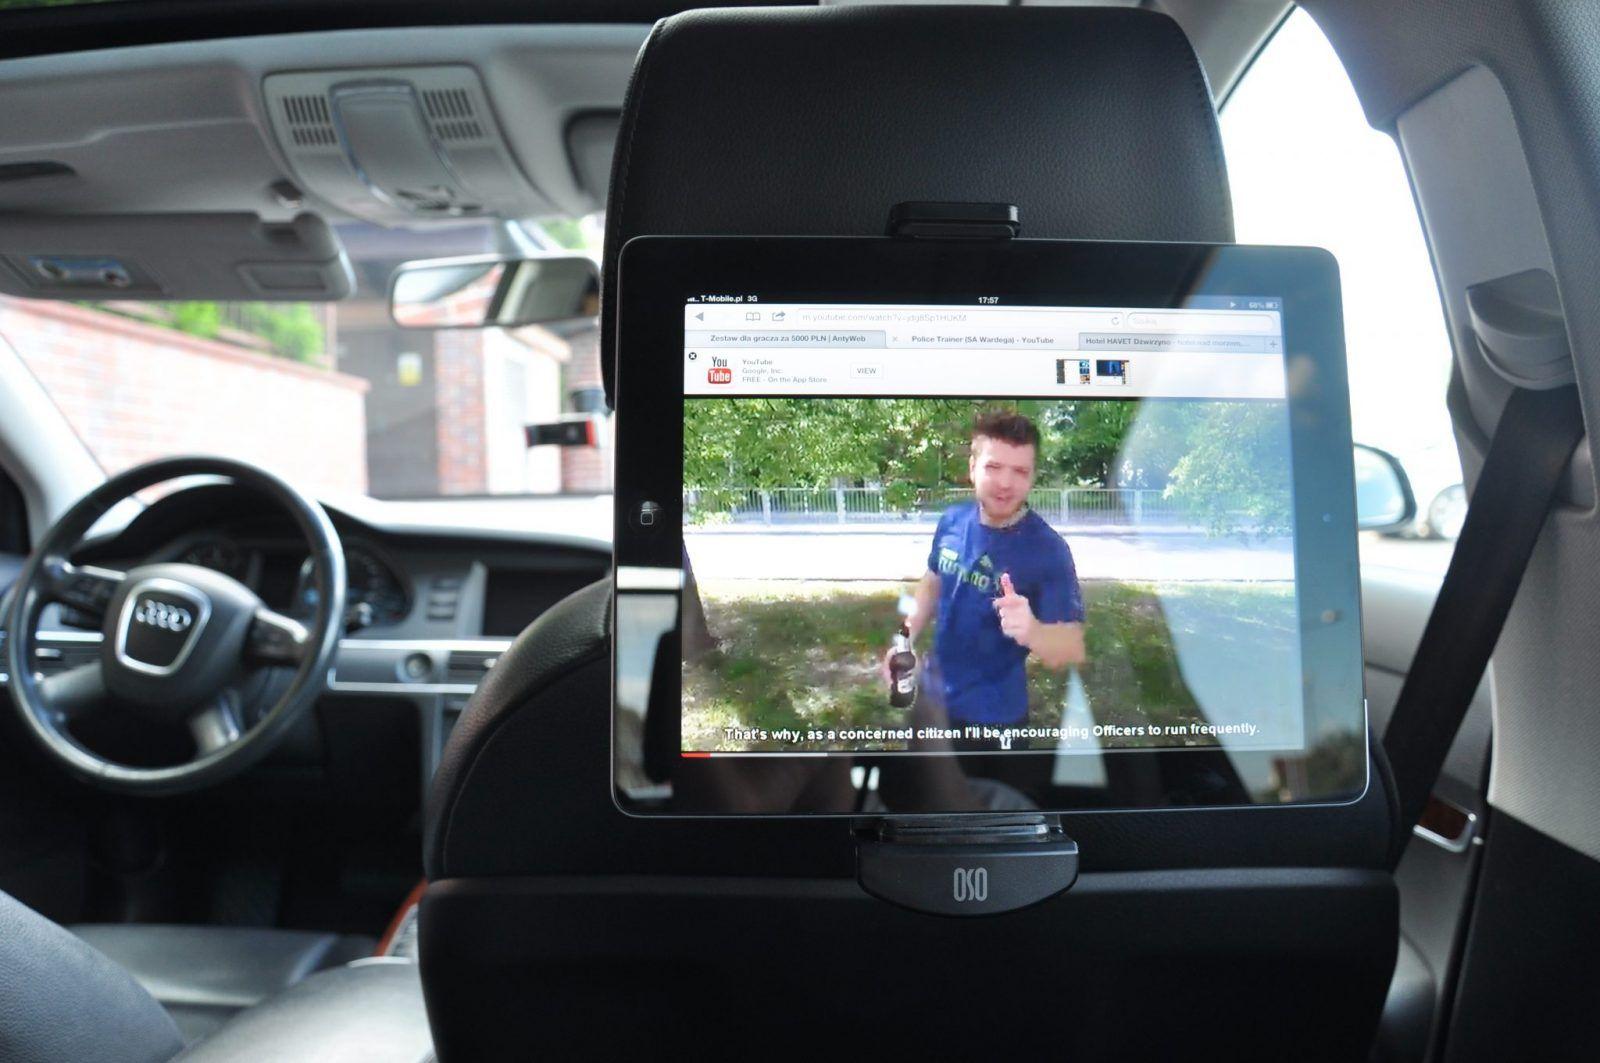 Recenzja OSO Tablet Mount & OSO Headrest Monut – Tablet w samochodzie